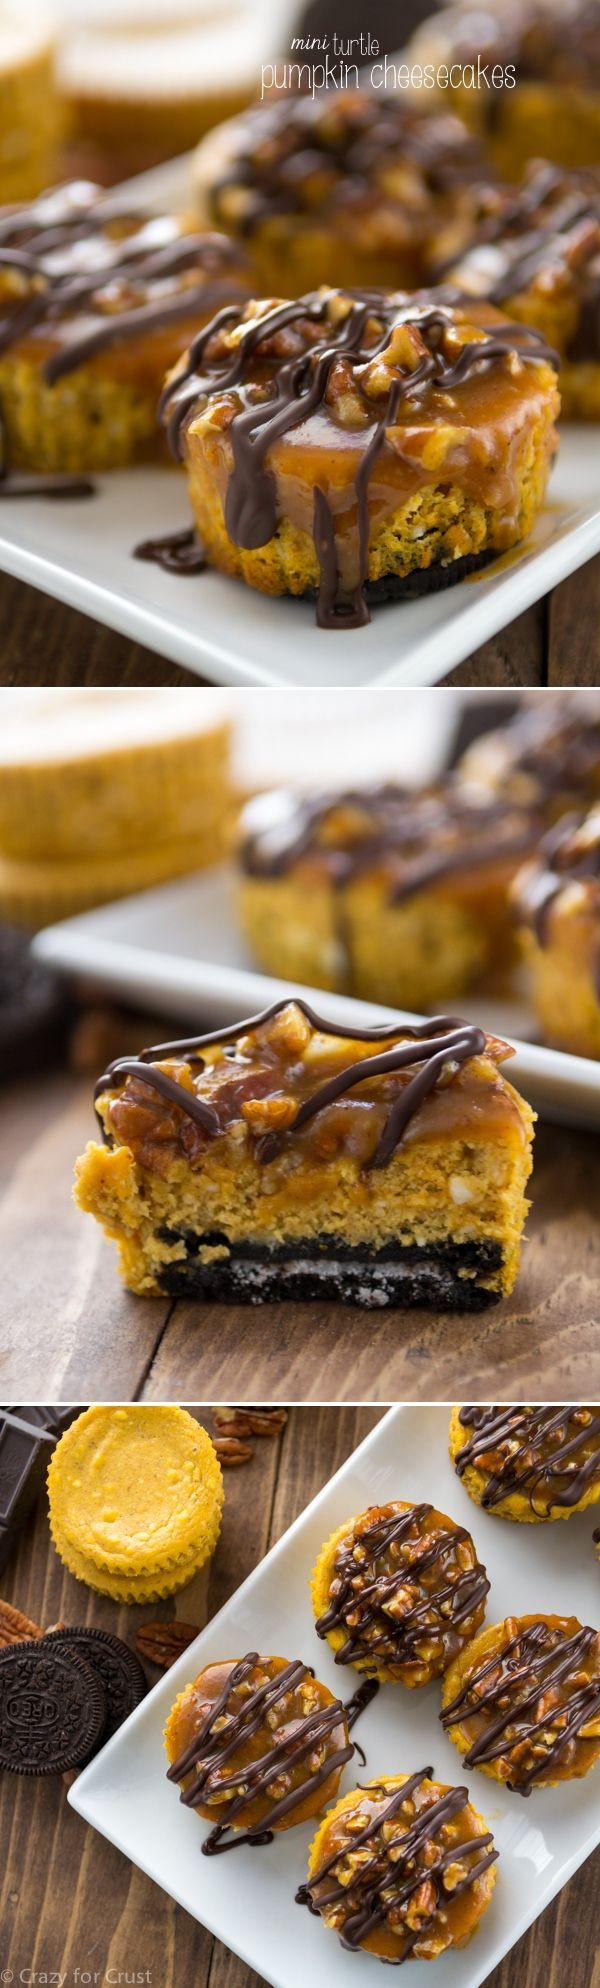 Mini tortuga de queso de calabaza con una corteza de Oreo y cubierto con caramelo, nueces y chocolate.  Perfecto para Acción de Gracias!